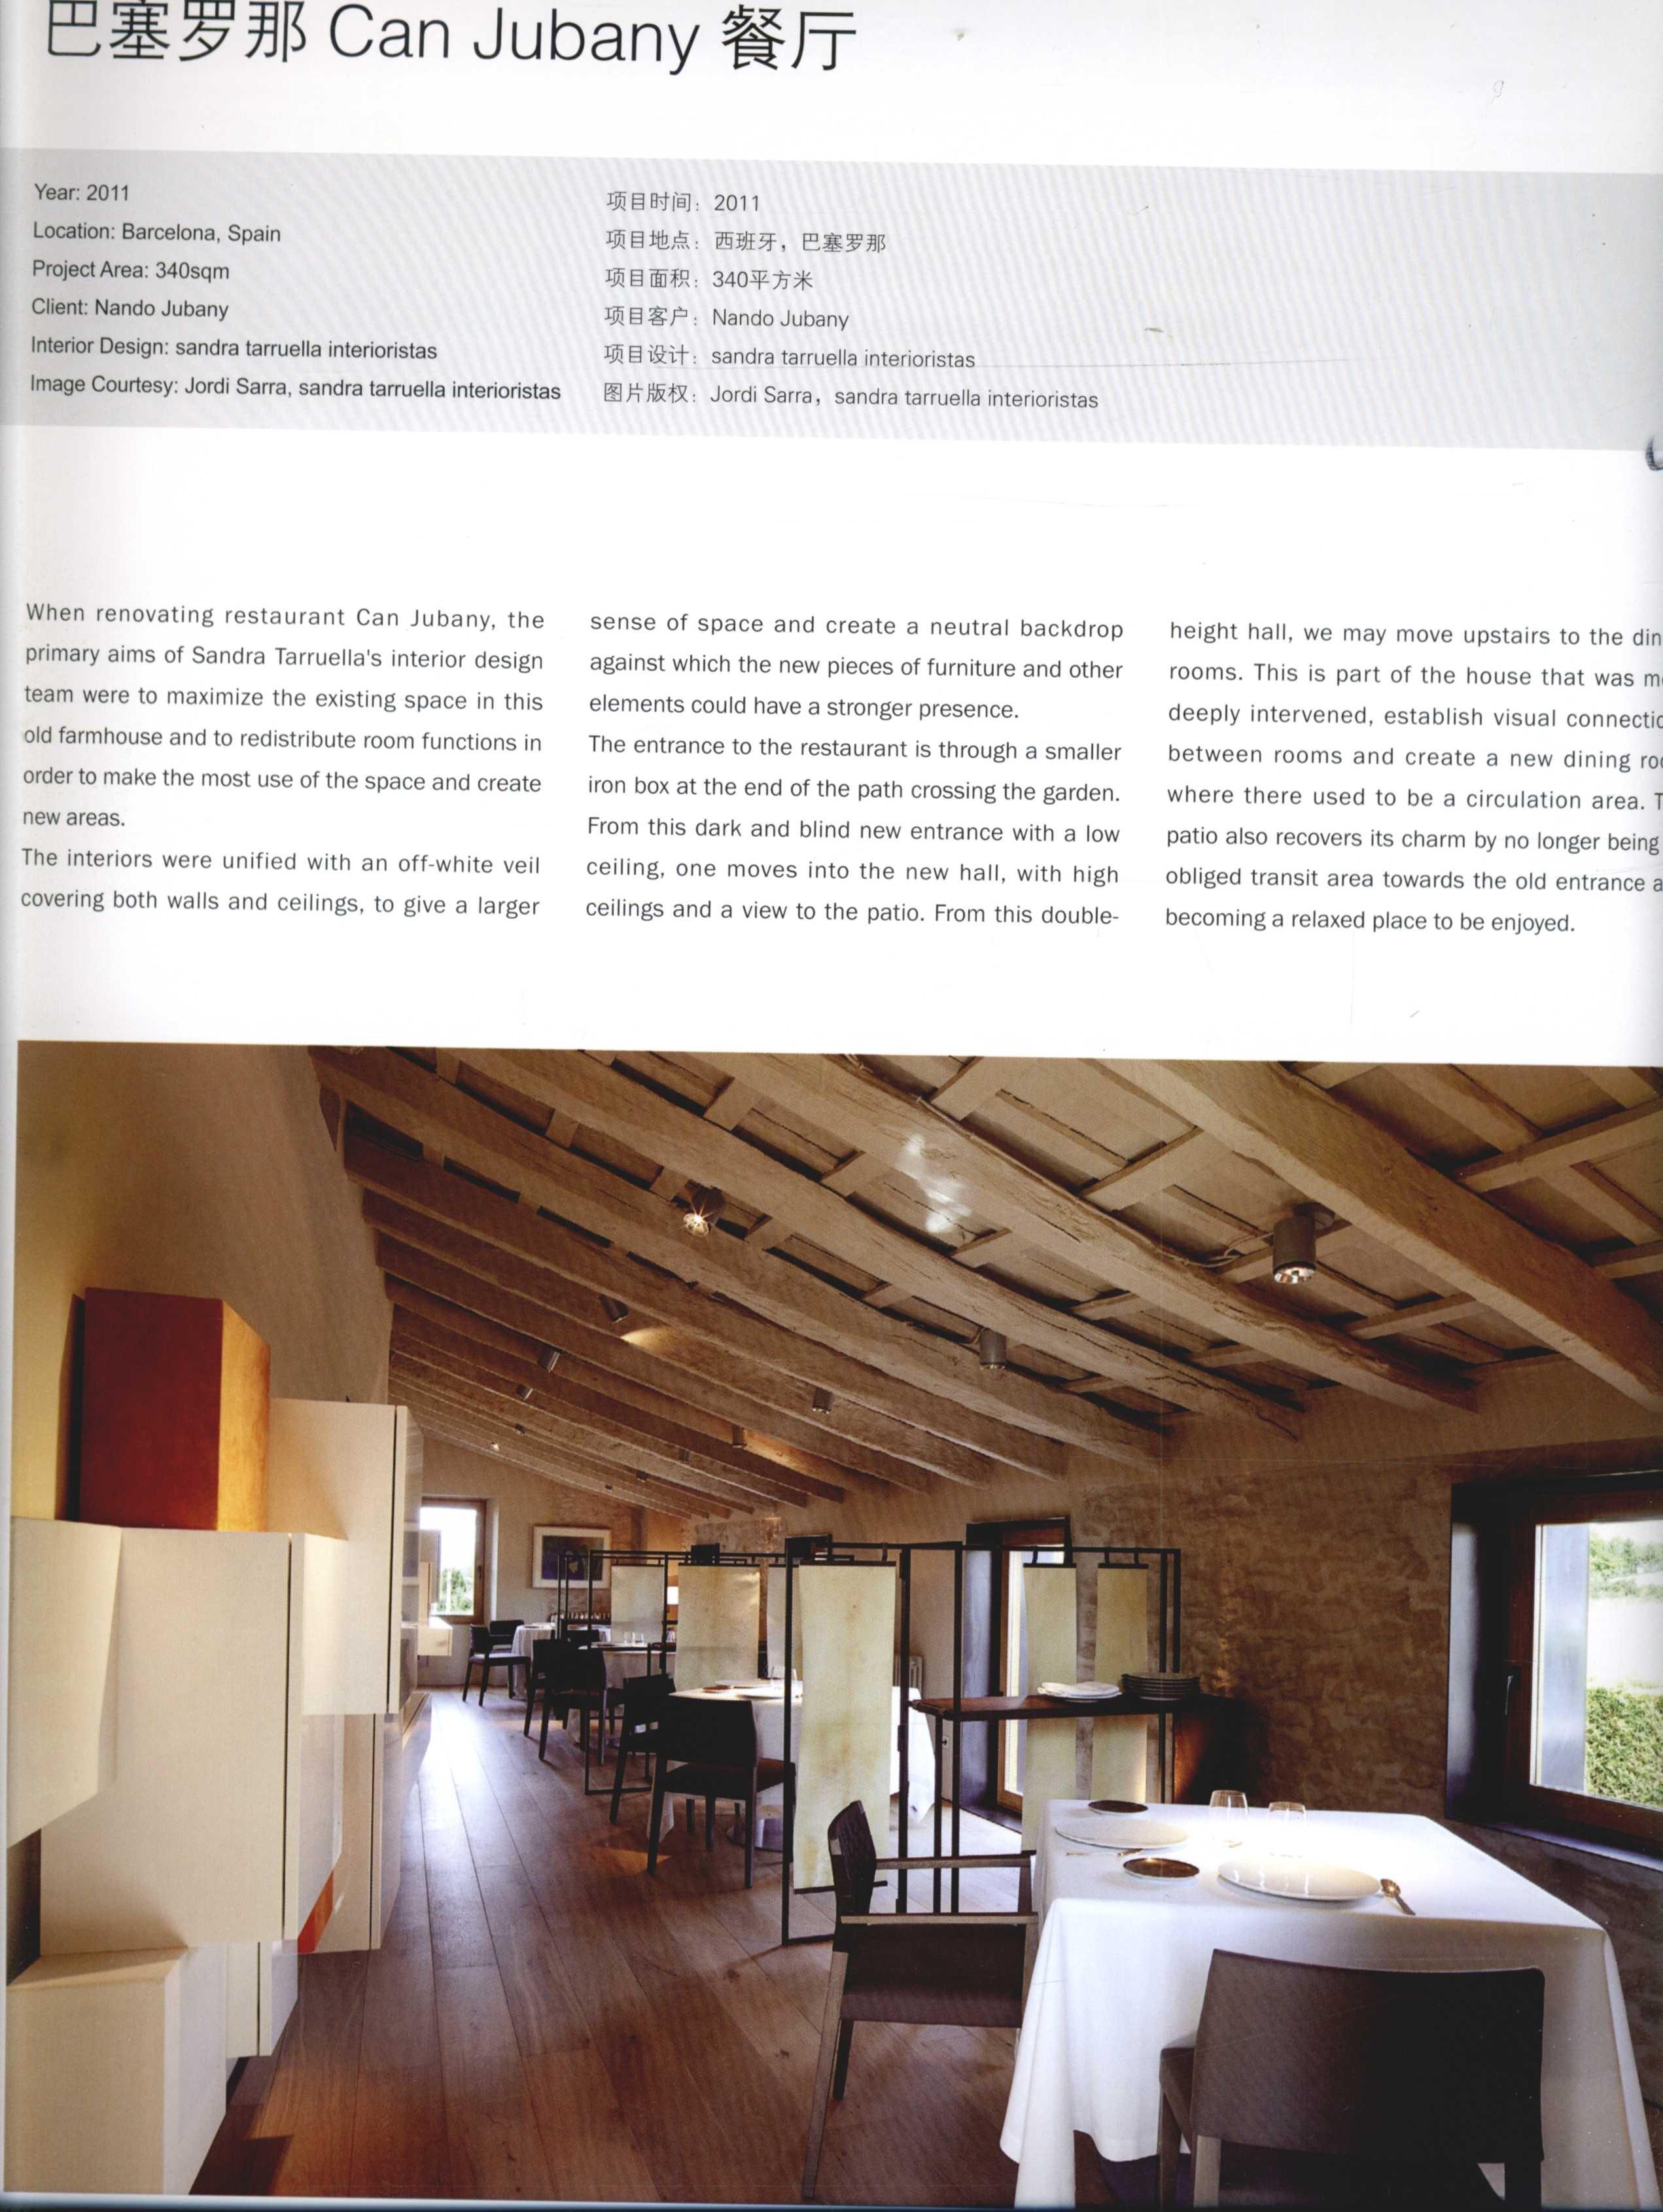 2012全球室内设计年鉴  餐饮_Page_142.jpg